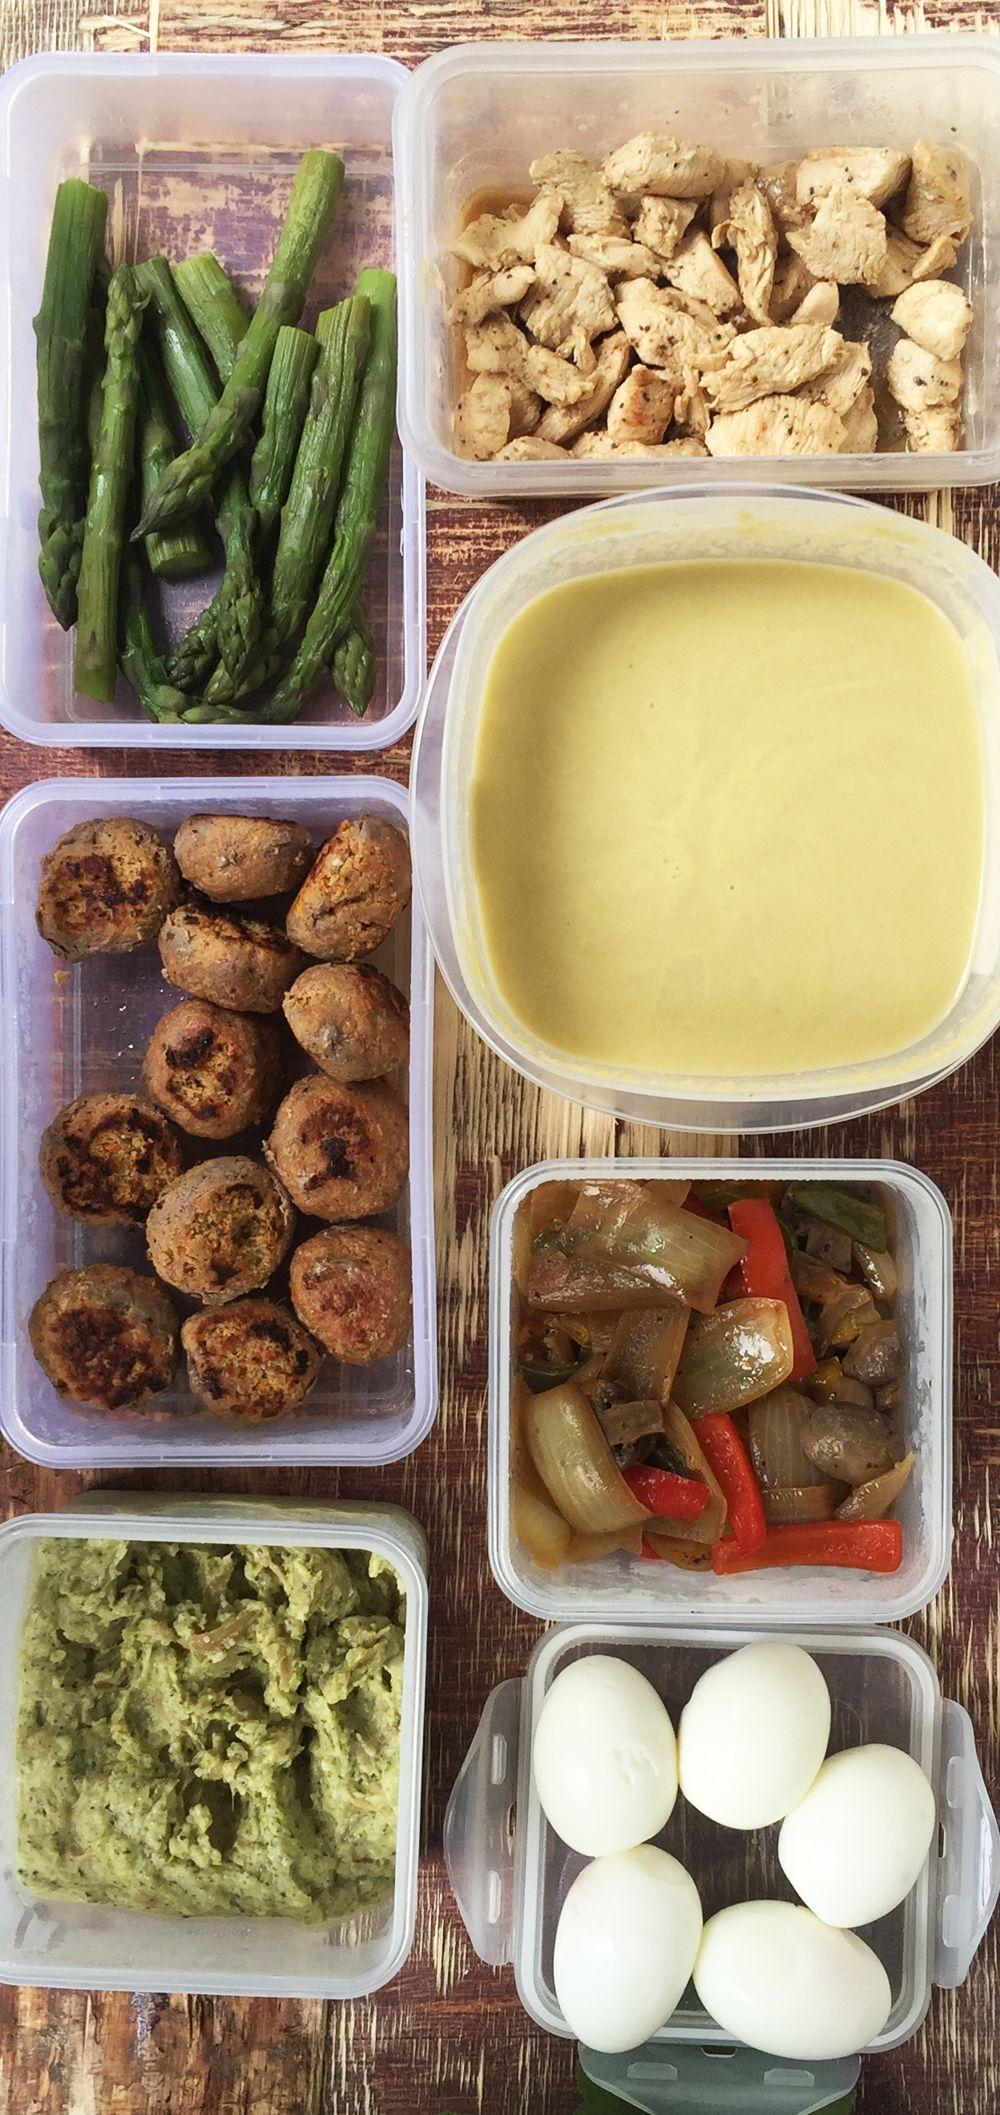 Voy a empezar a subir un pequeño diario de comida, sobre como organizo lo que cocino y como para la semana. La mayoría tenemos vidas muy ocupadas, que entre el trabajo, hacer deporte, vida social y…